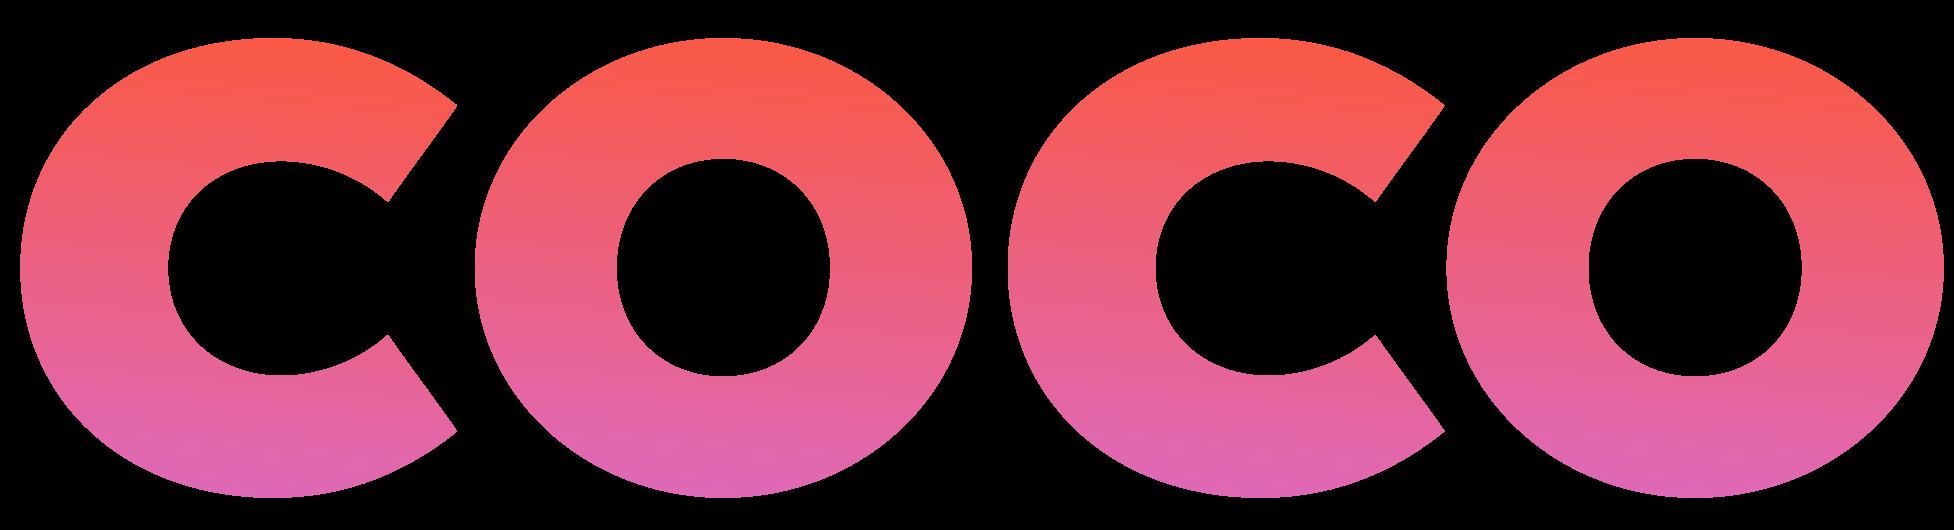 Coco Robotics logo